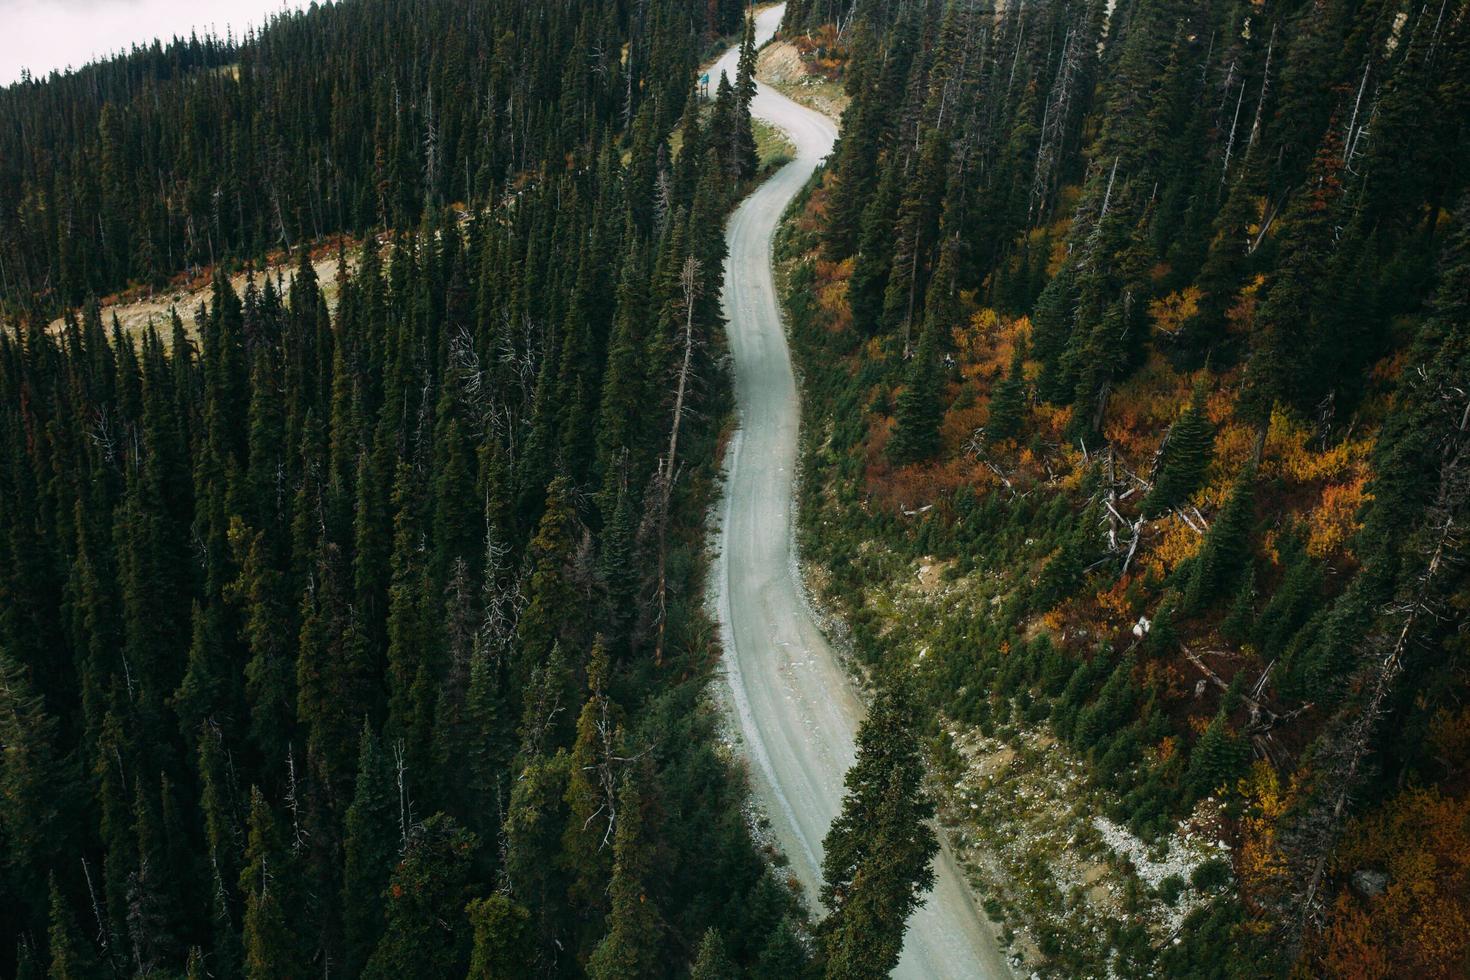 Luftaufnahme der leeren Straße durch den Wald während des Tages foto